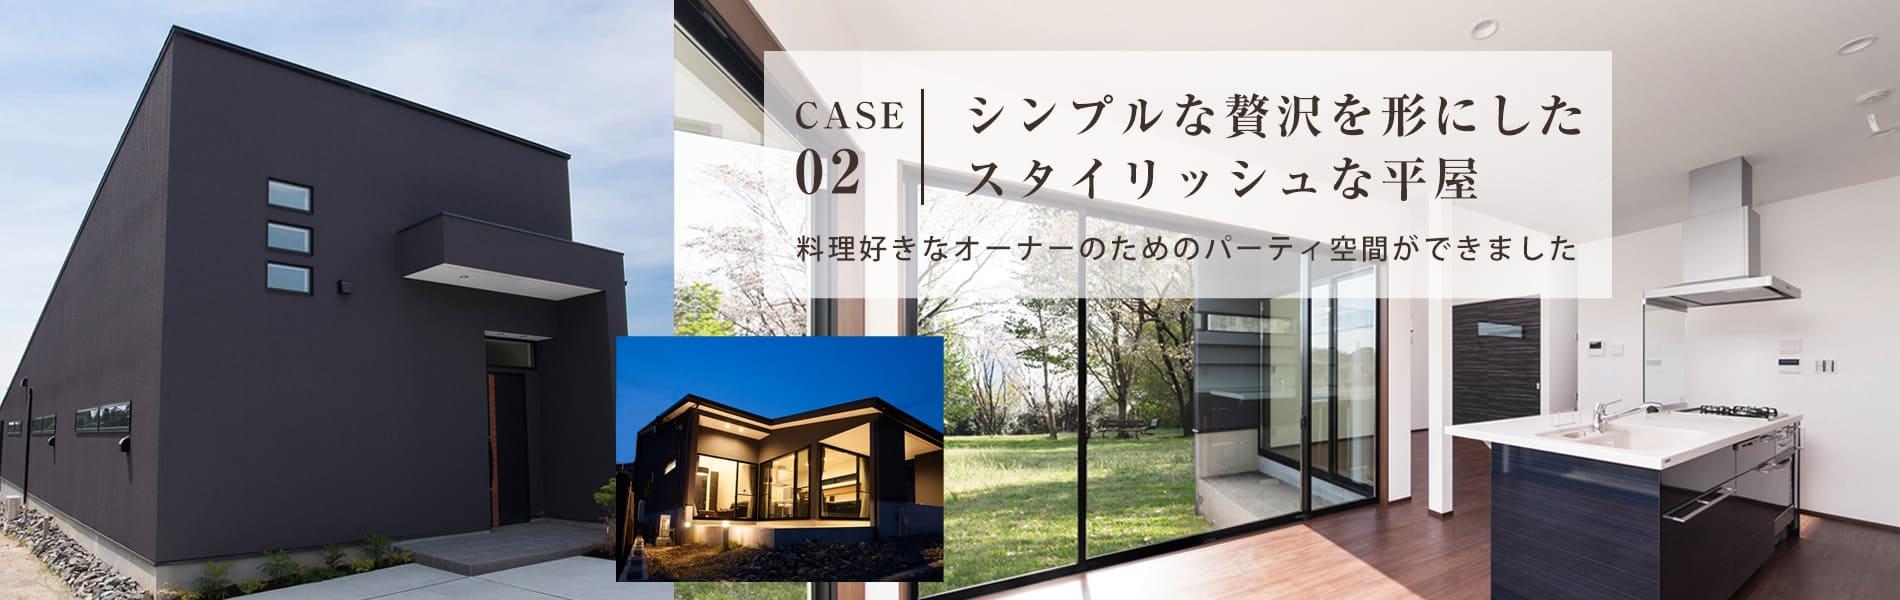 施工事例CASE2 シンプルな贅沢を形にしたスタイリッシュな平屋